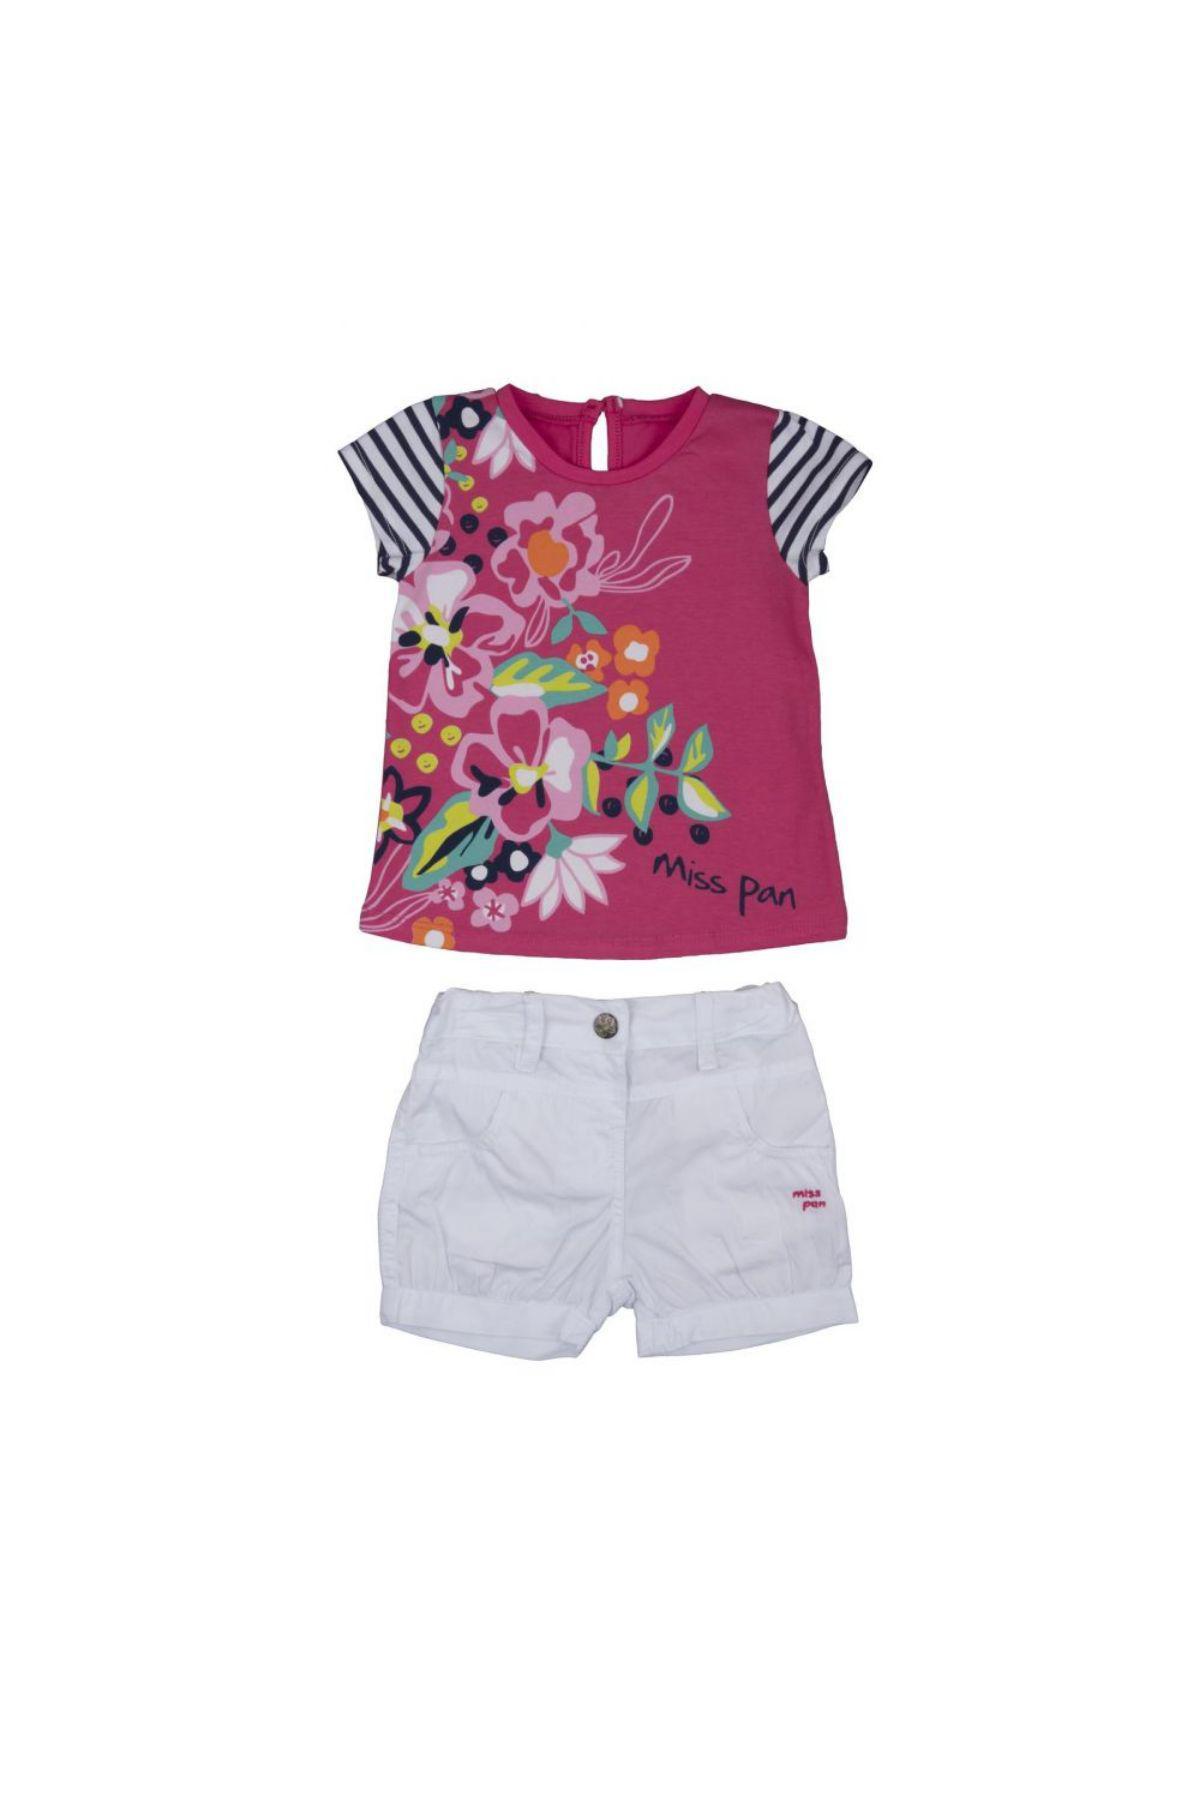 Bebepan 3113 ФУКСИЯ Детский костюм для девочек